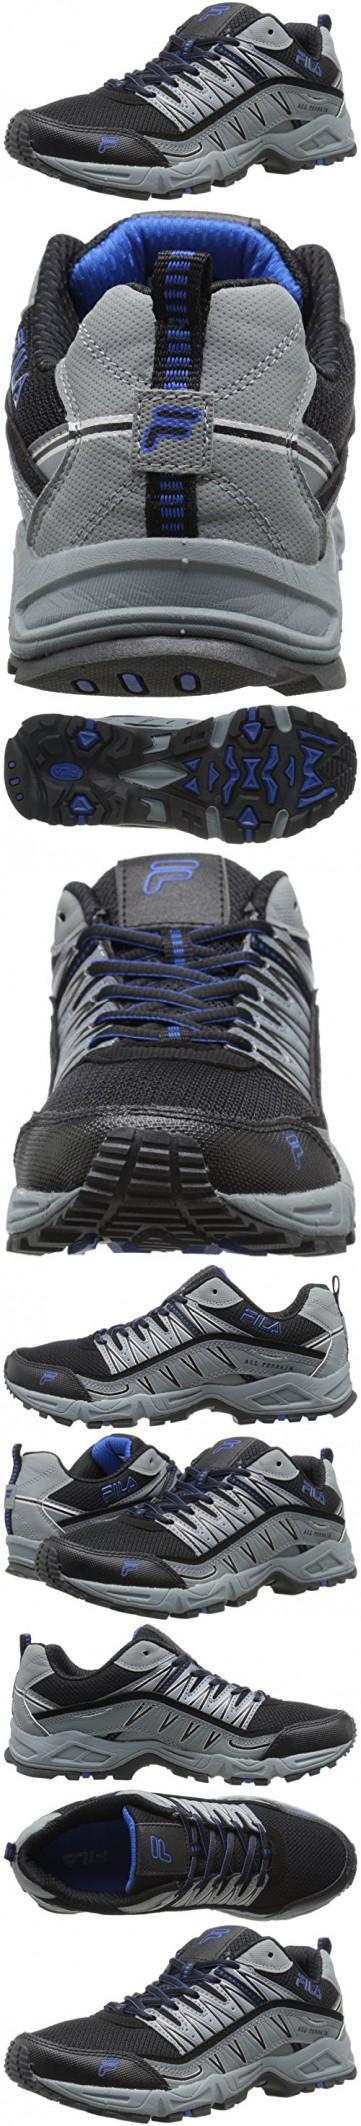 Fila Men's Maranello Running Shoe, Metallic Silver/Blue/Andean Toucan, ...